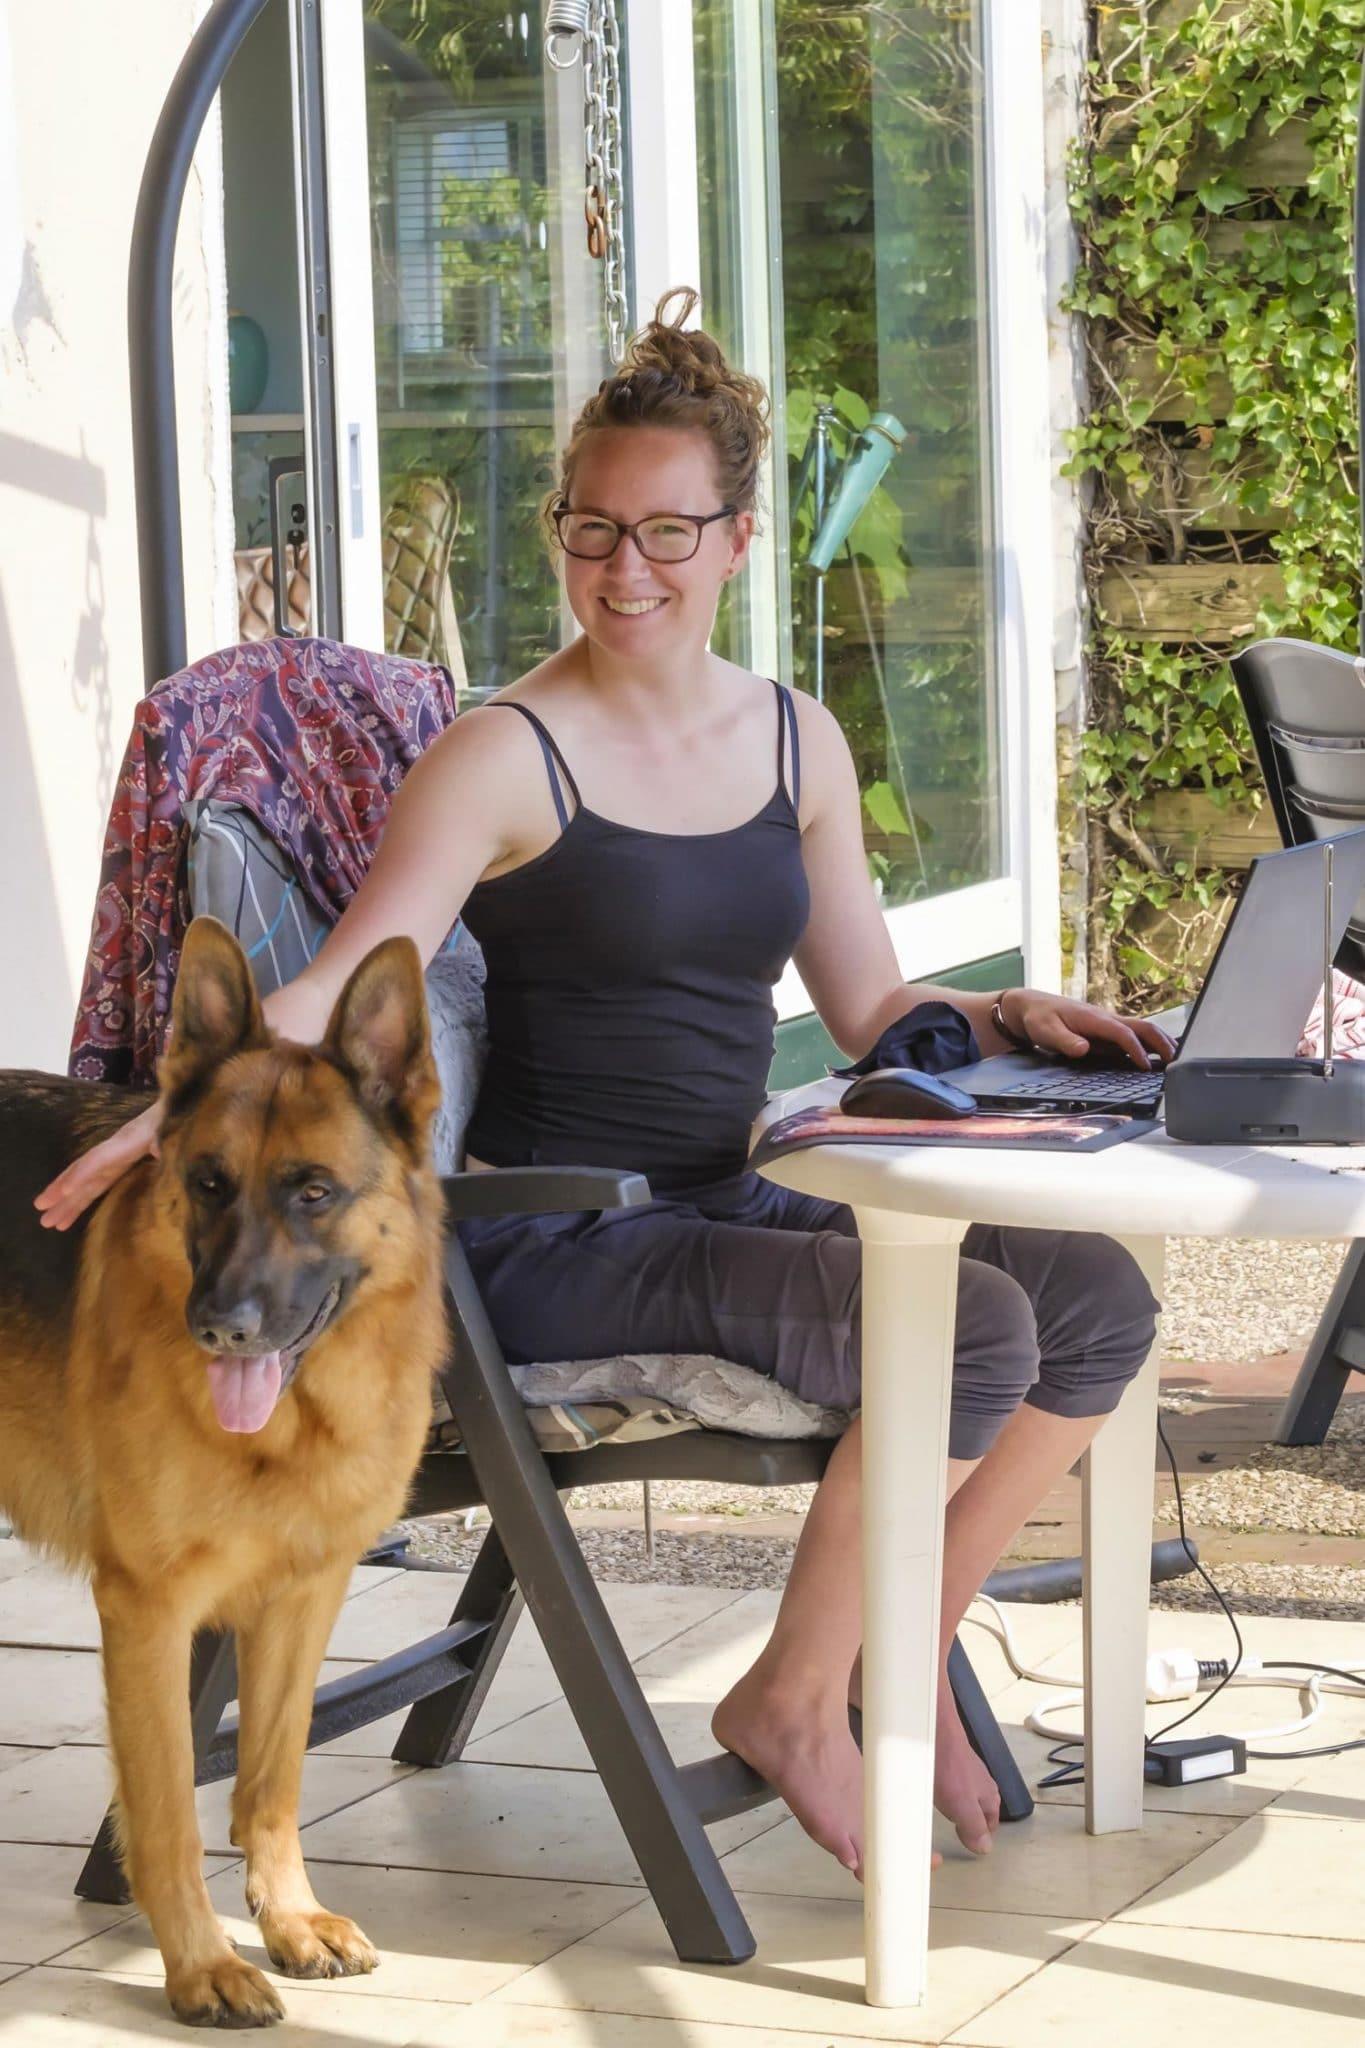 Schäferhund Forum: Fragen zum Thema Schäferhund mit anderen Online teilen.